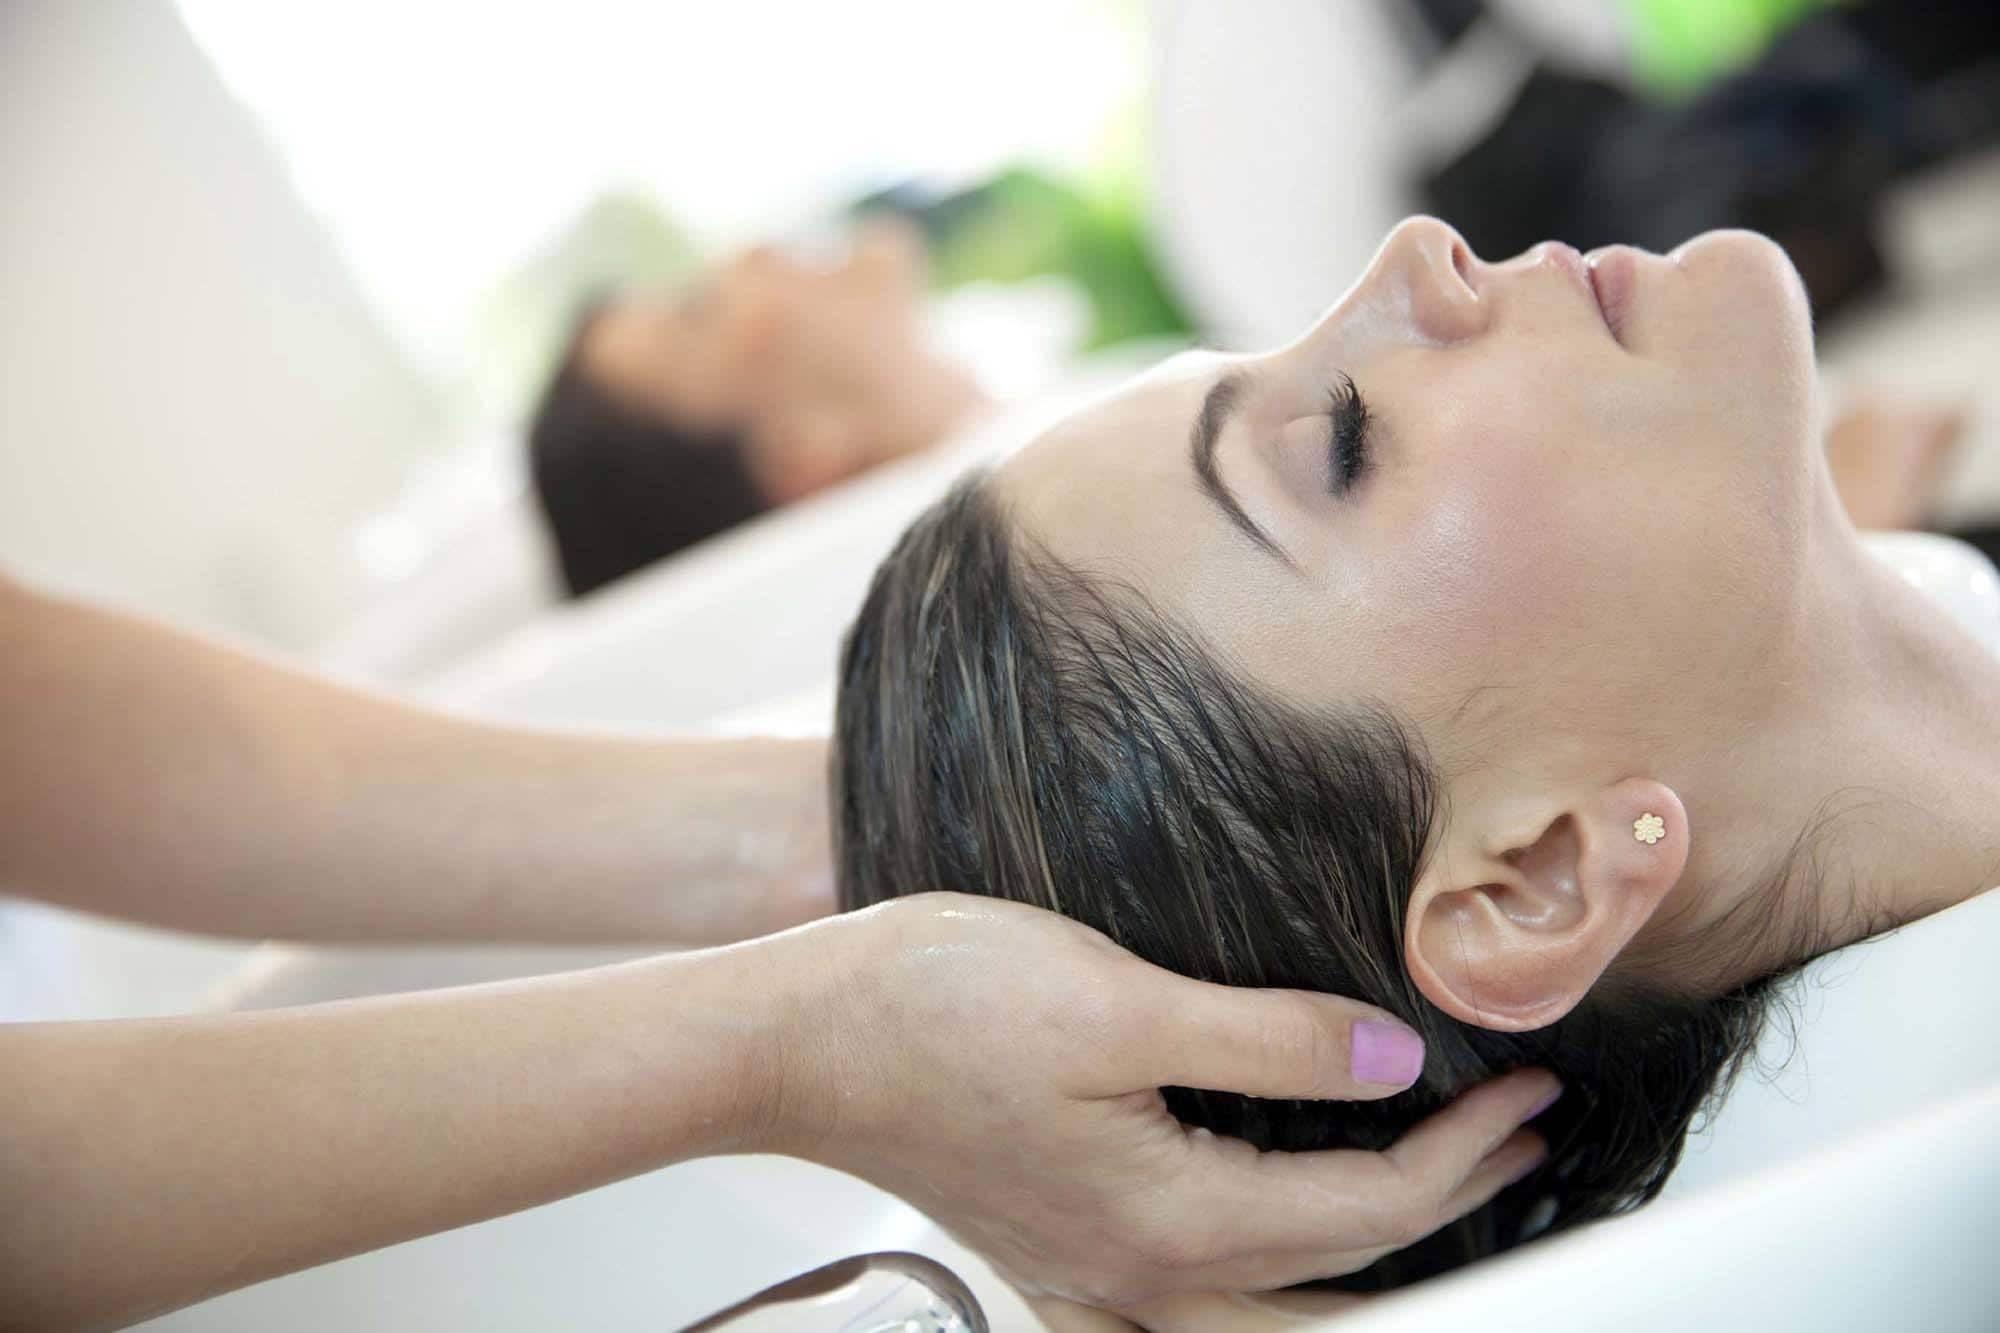 Спа процедуры для волос | виды, преимущества, домашние применение